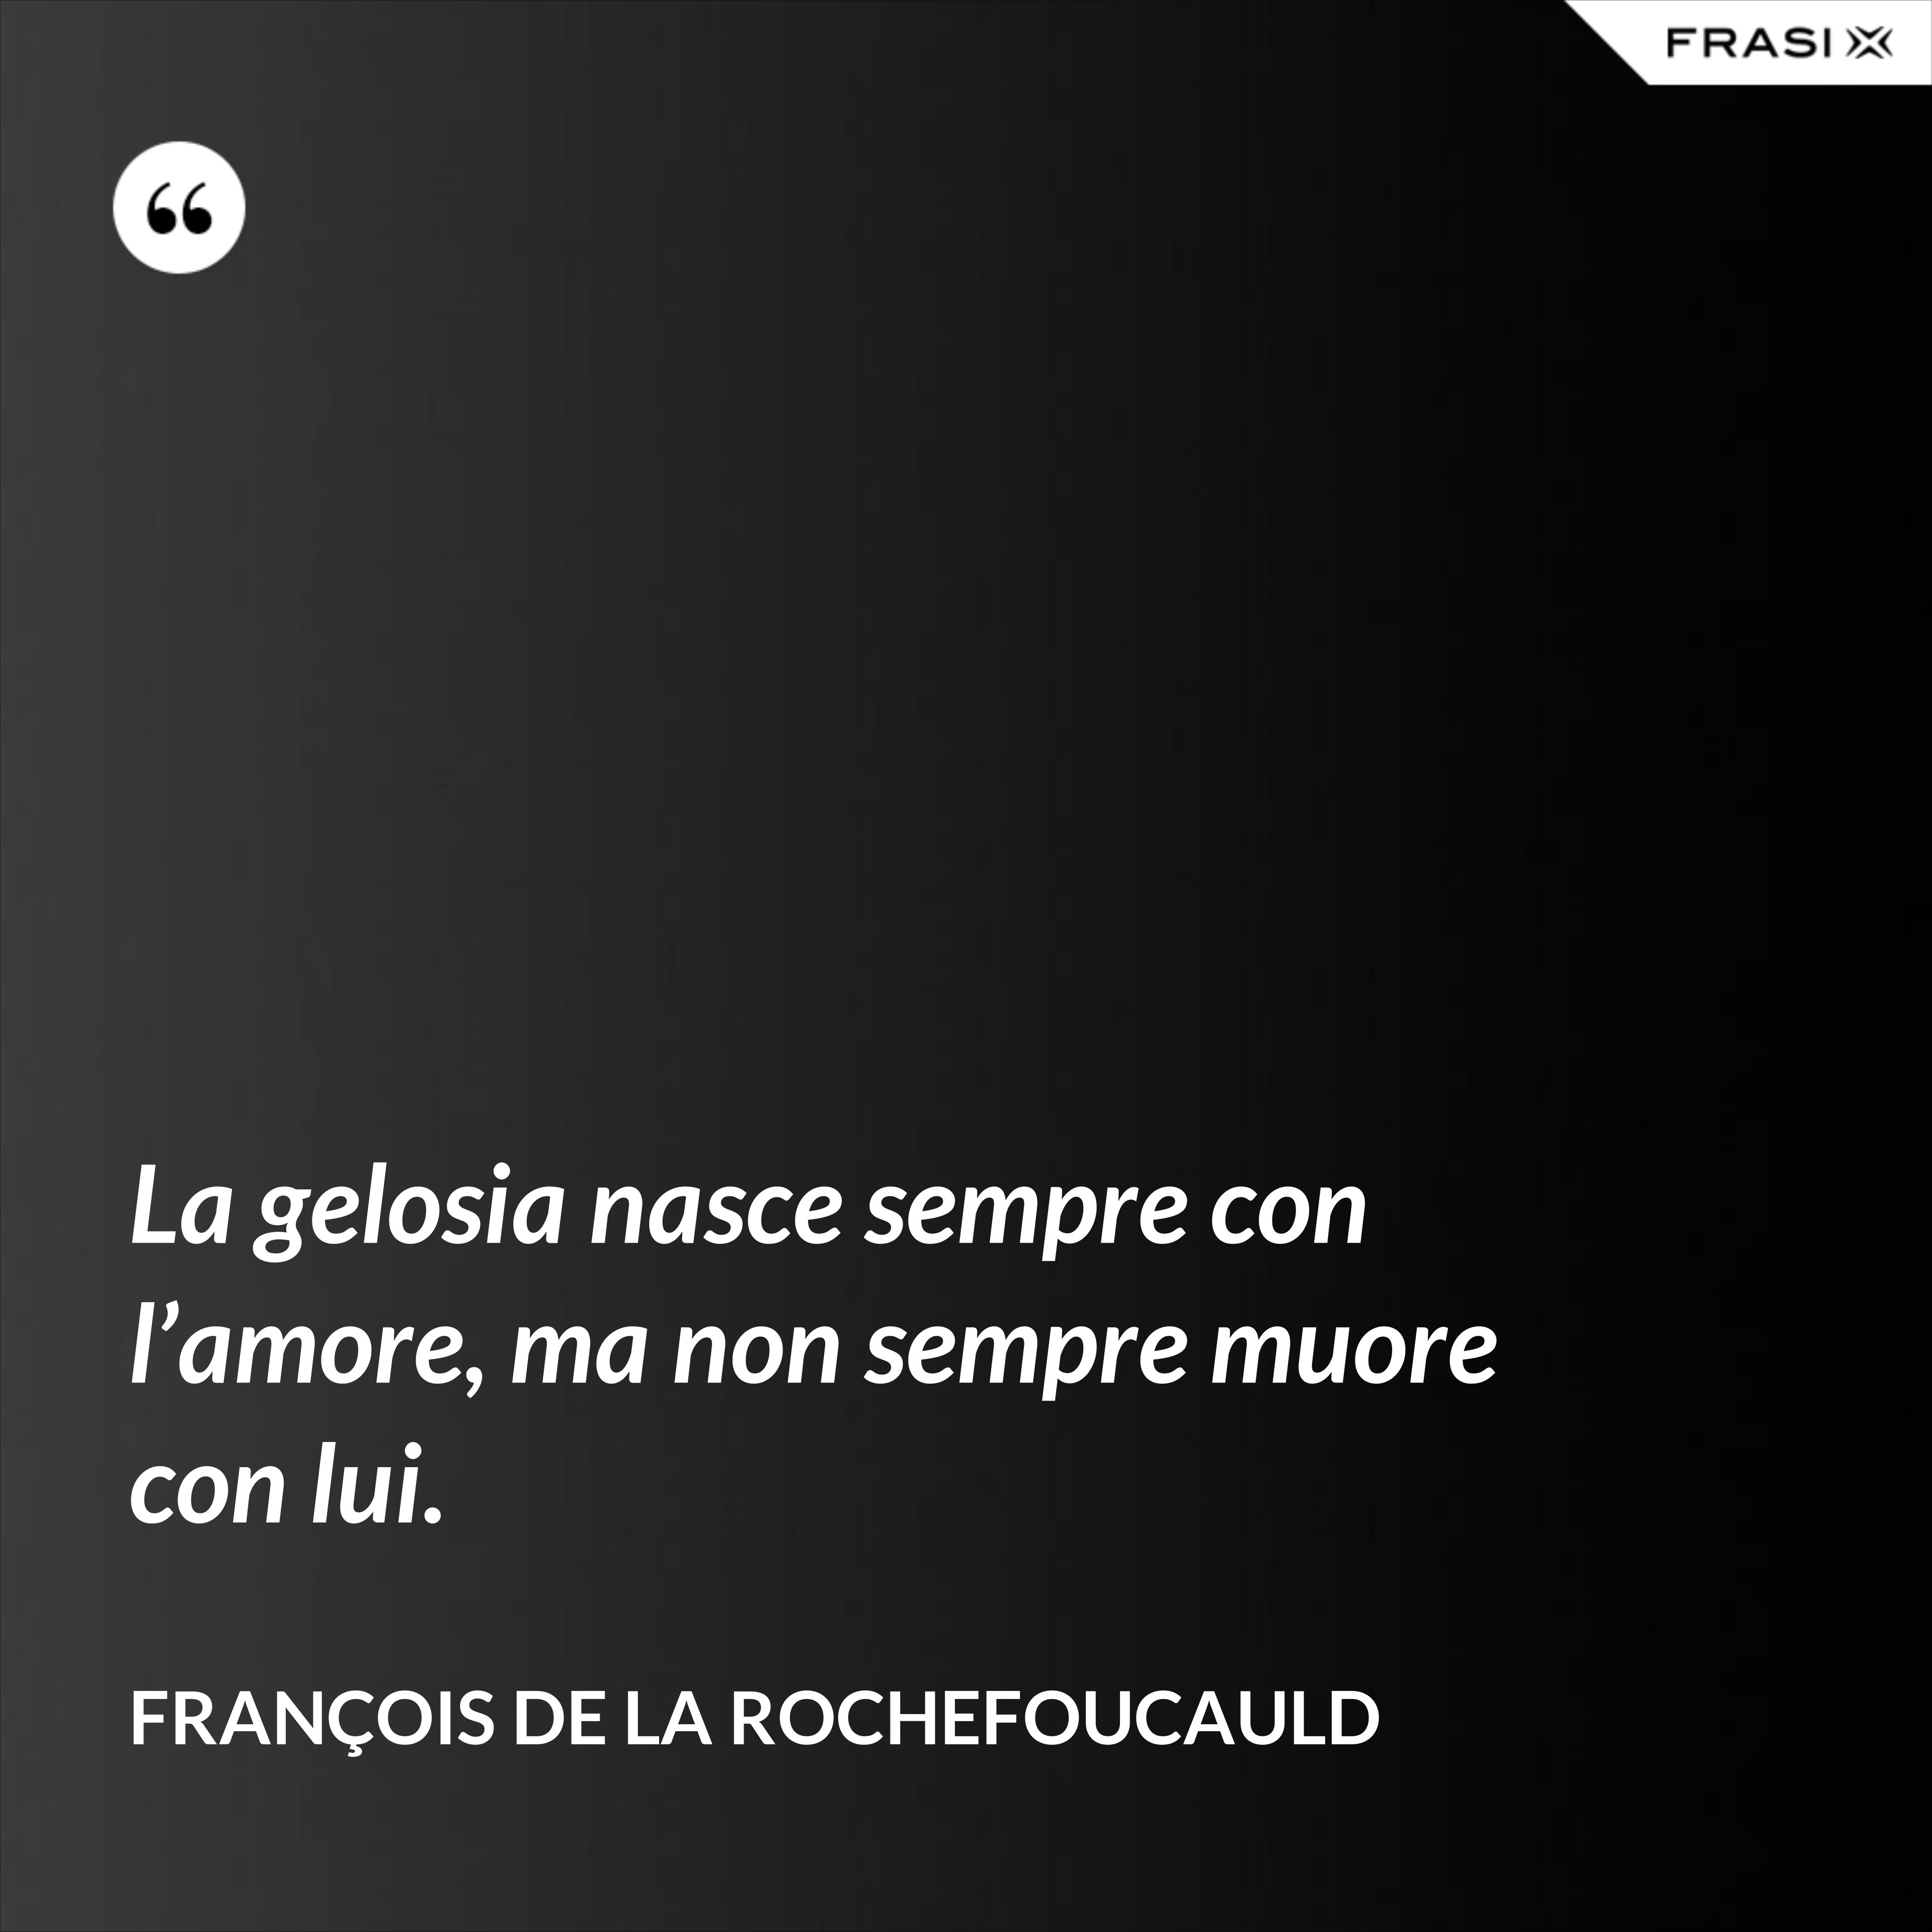 La gelosia nasce sempre con l'amore, ma non sempre muore con lui. - François de La Rochefoucauld